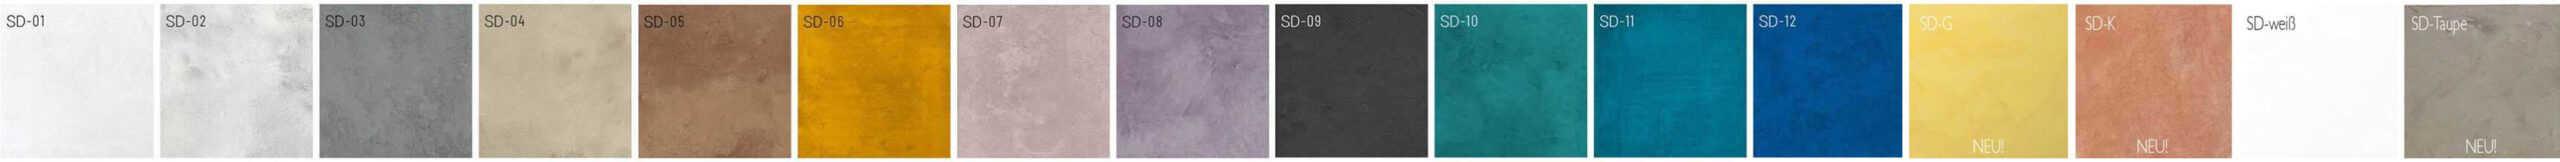 Mikrozement SD Microzement pigmente extra beständig und leicht lösbar